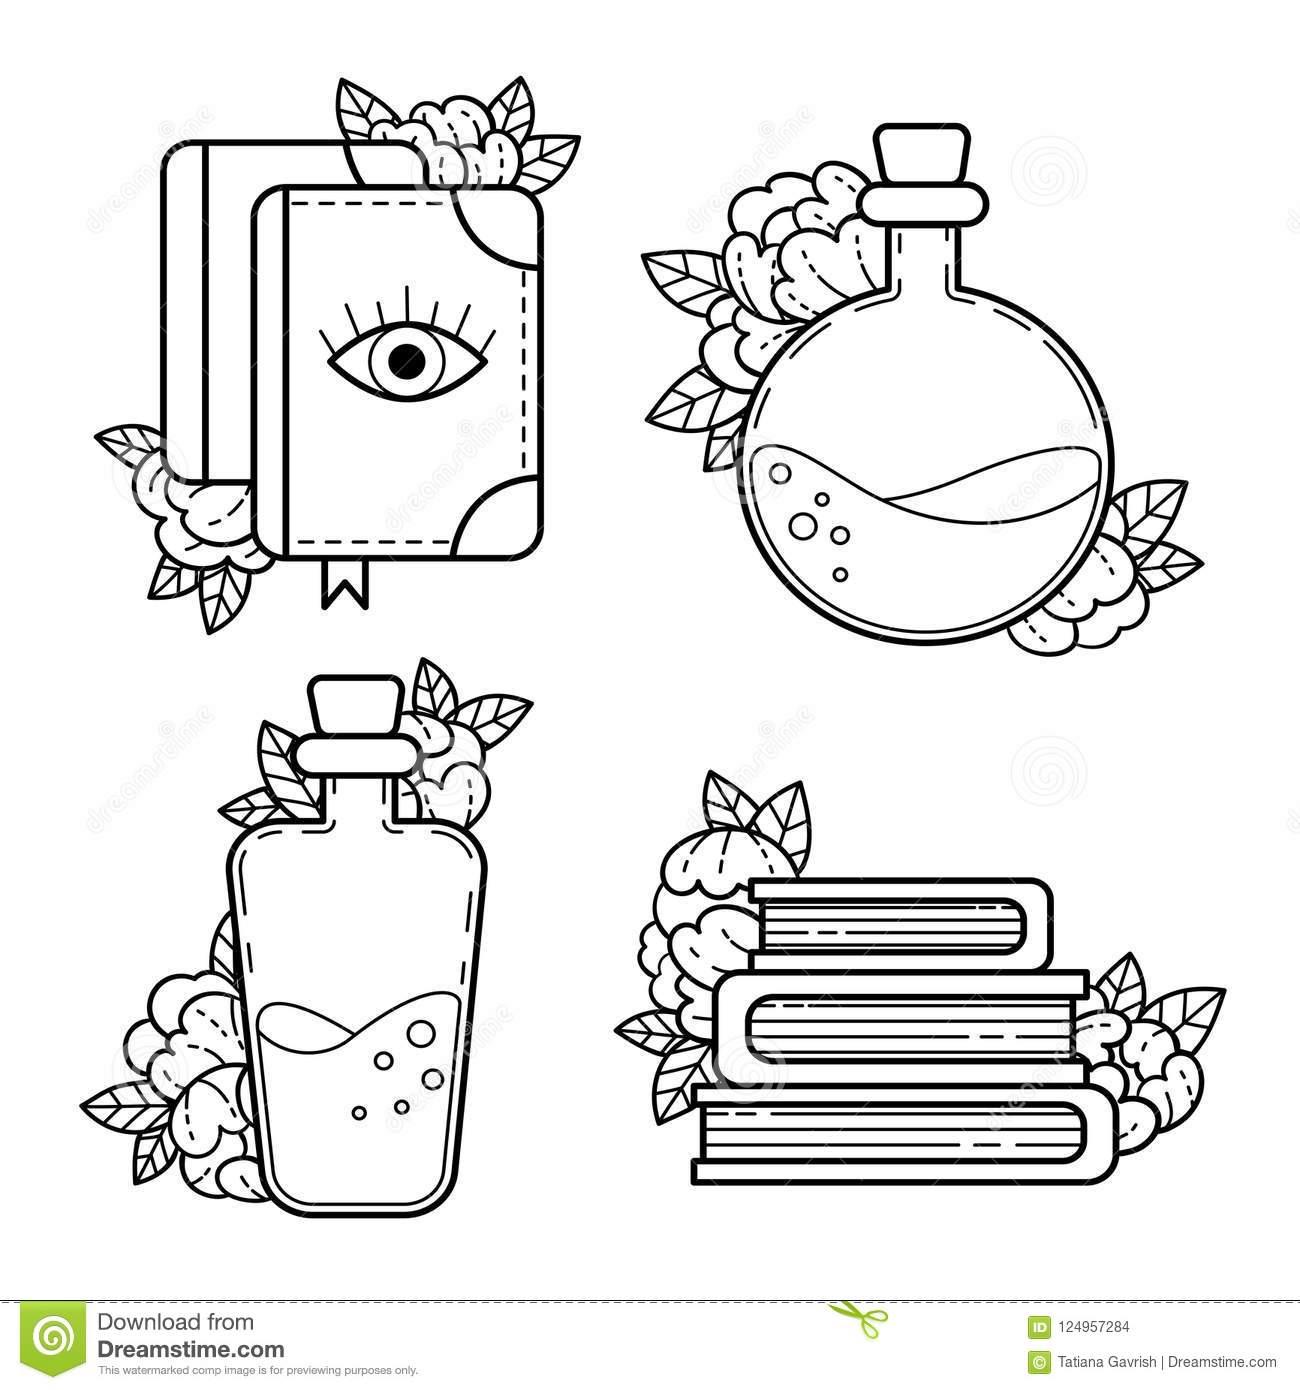 Éléments De Sorcellerie Dessin De Découpe Illustration De concernant Dessin À Découper